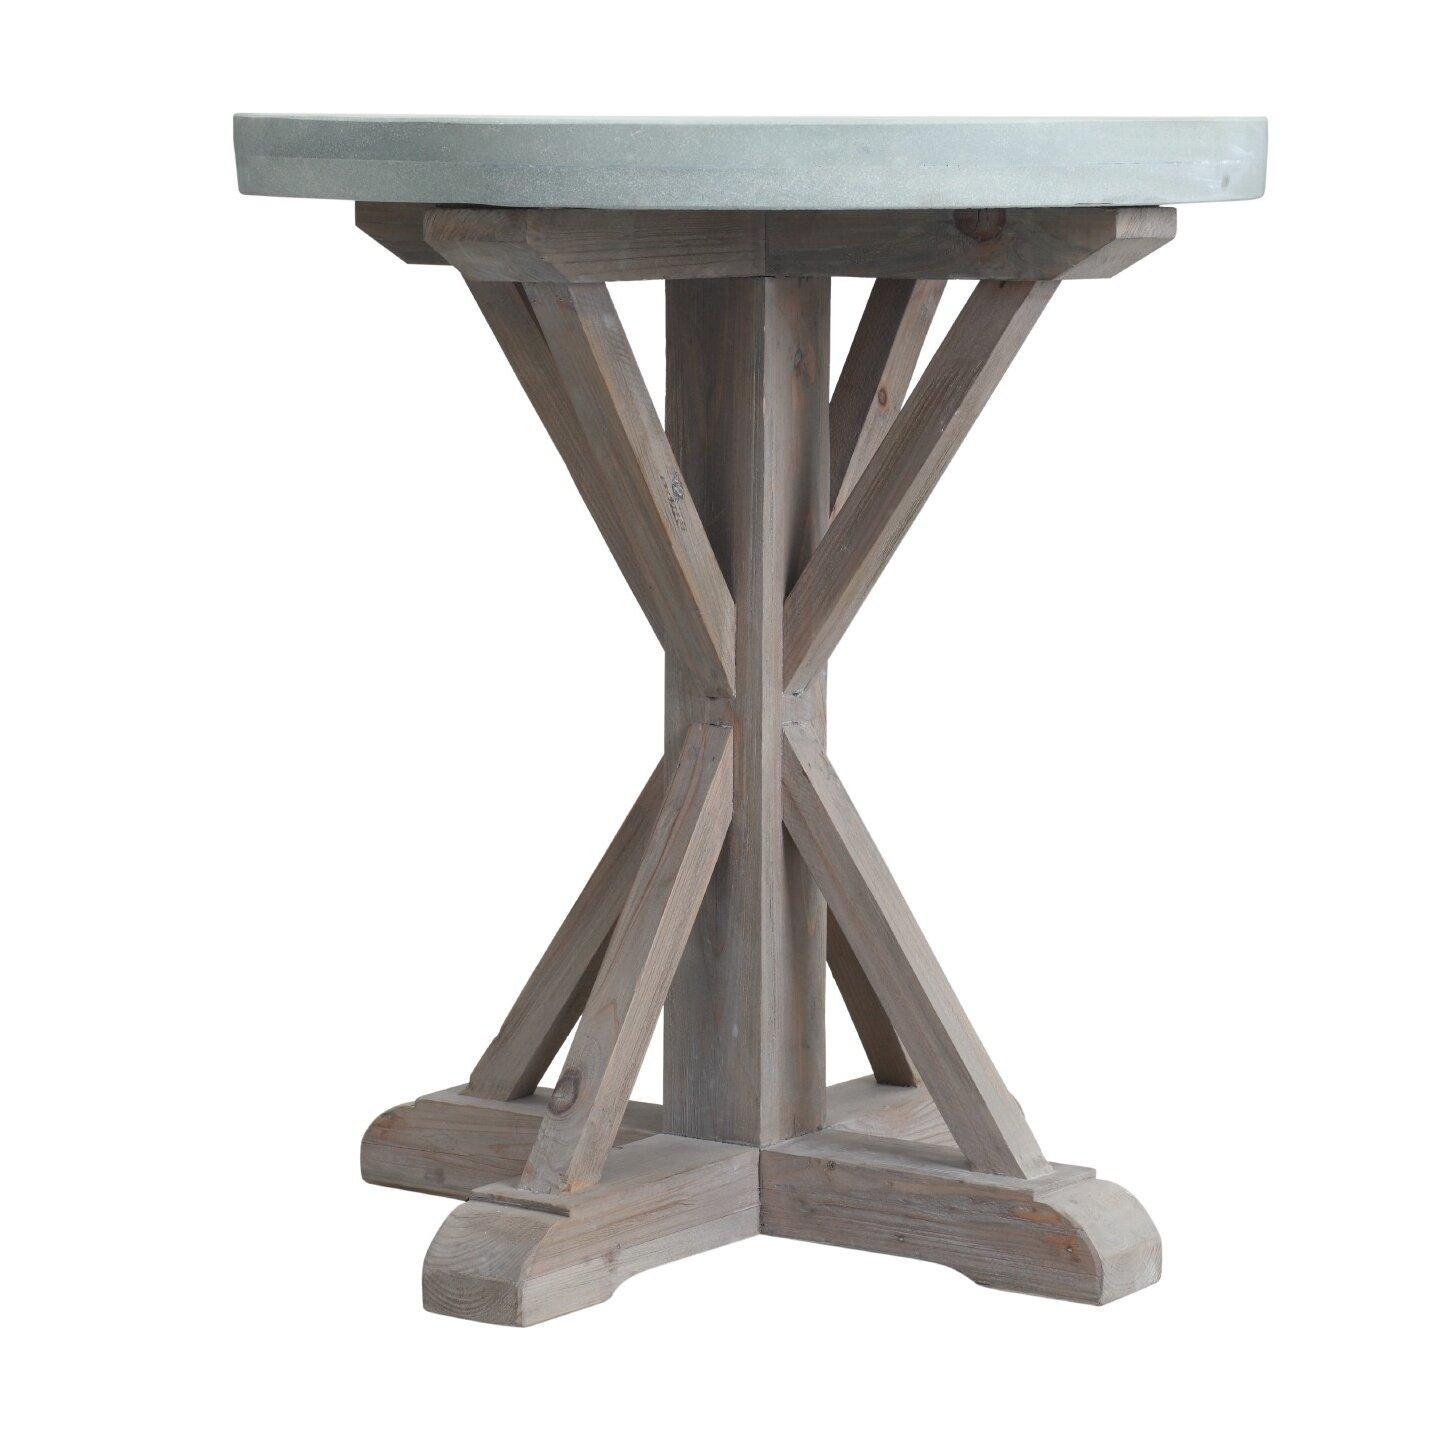 Laurel foundry modern farmhouse andillac end table wayfair for Farmhouse end table set